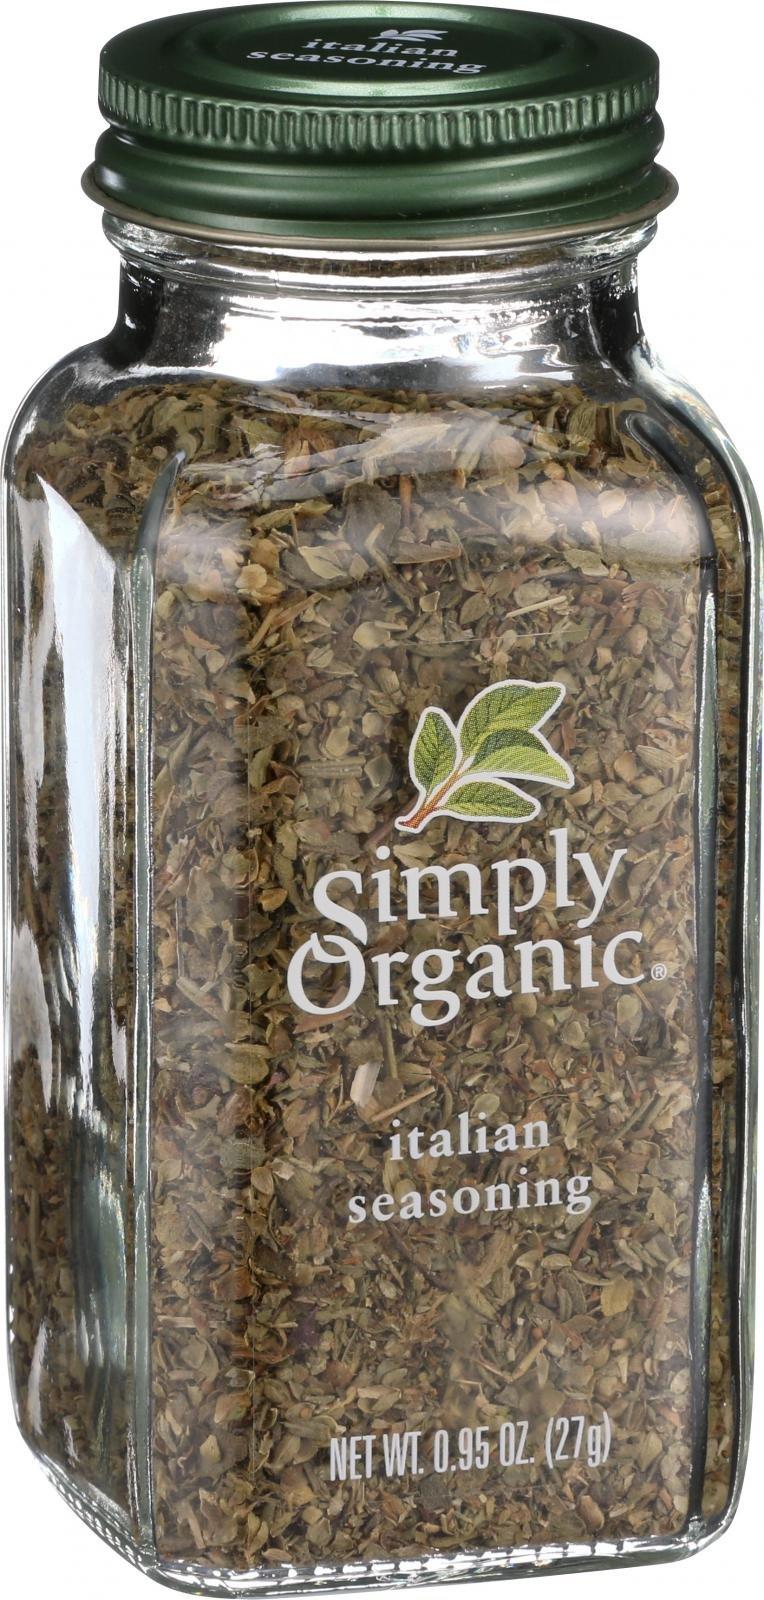 Simply Organic Italian Seasoning - Organic - .95 oz - 95%+ Organic -